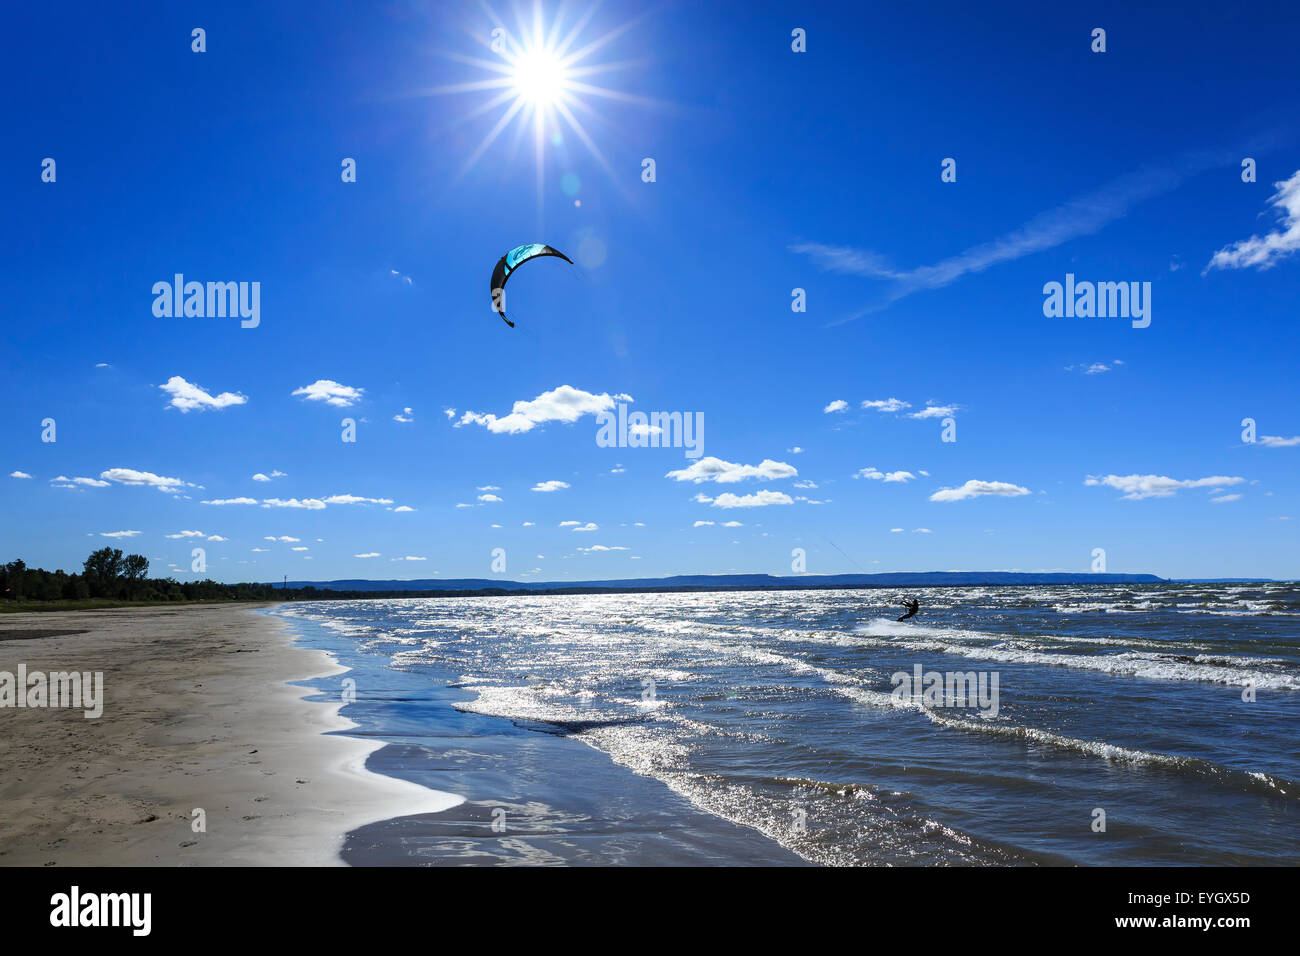 Kite surfing at Wasaga Beach, Lake Huron, Ontario, Canada - Stock Image